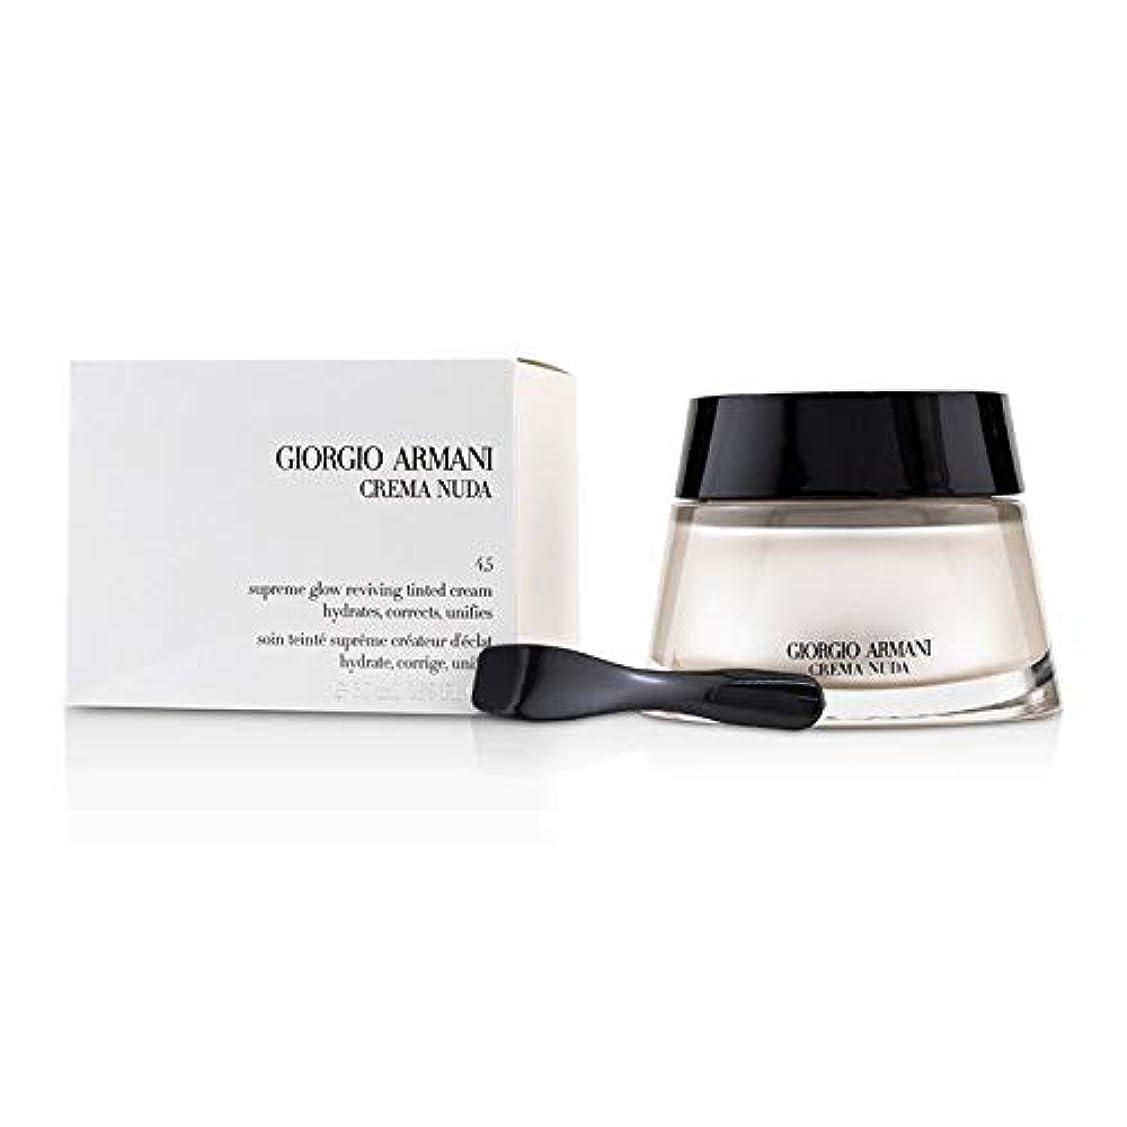 ランチョンピア前進ジョルジオアルマーニ Crema Nuda Supreme Glow Reviving Tinted Cream - # 4.5 Universal Glow 50ml/1.69oz並行輸入品